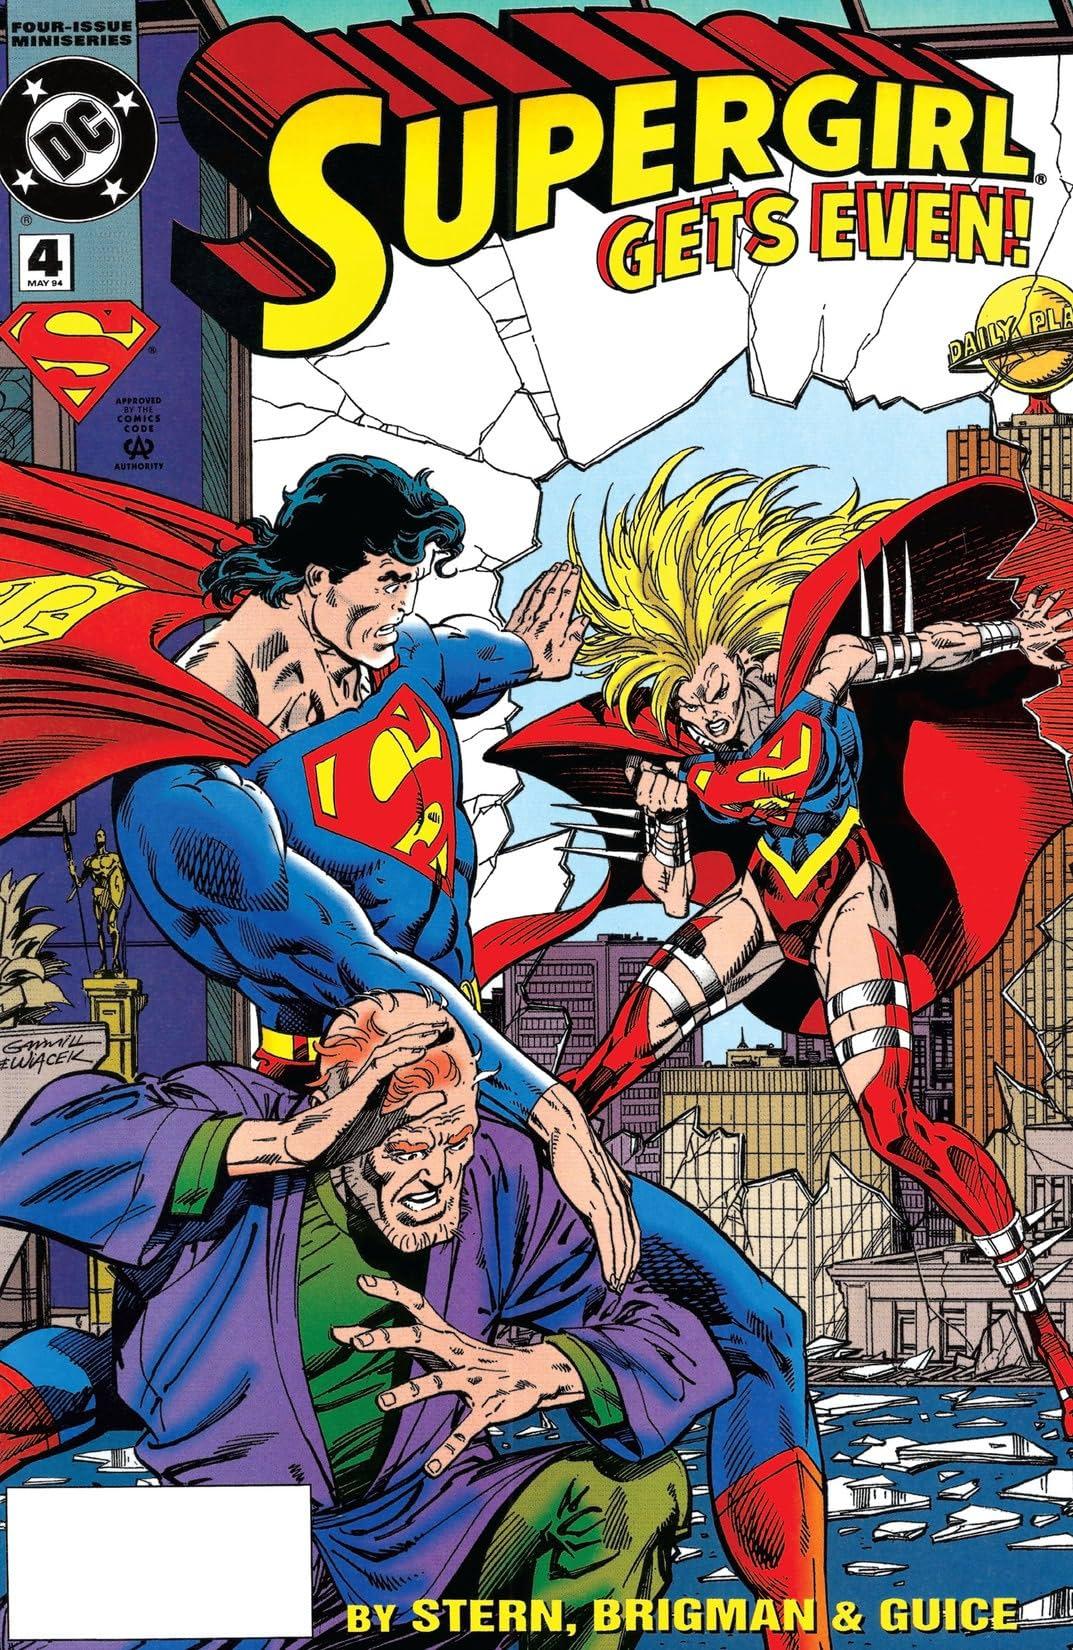 Supergirl (1994) #4